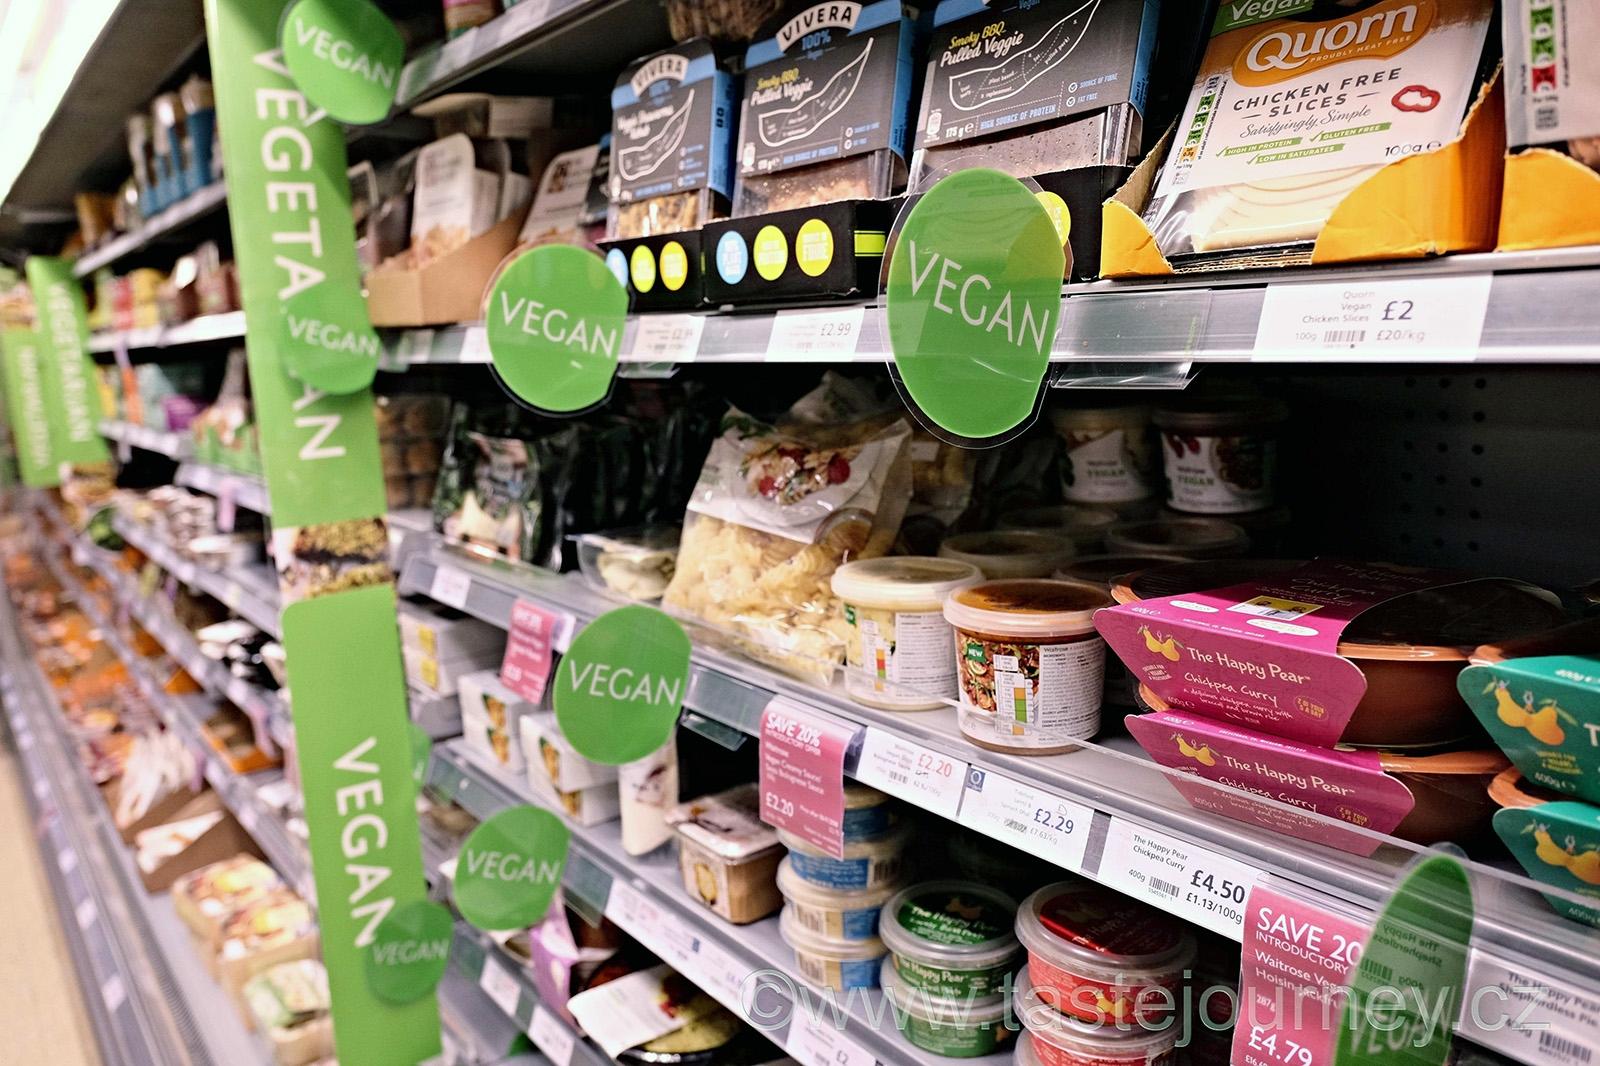 Značka Quorn je osvědčenou veganskou značkou